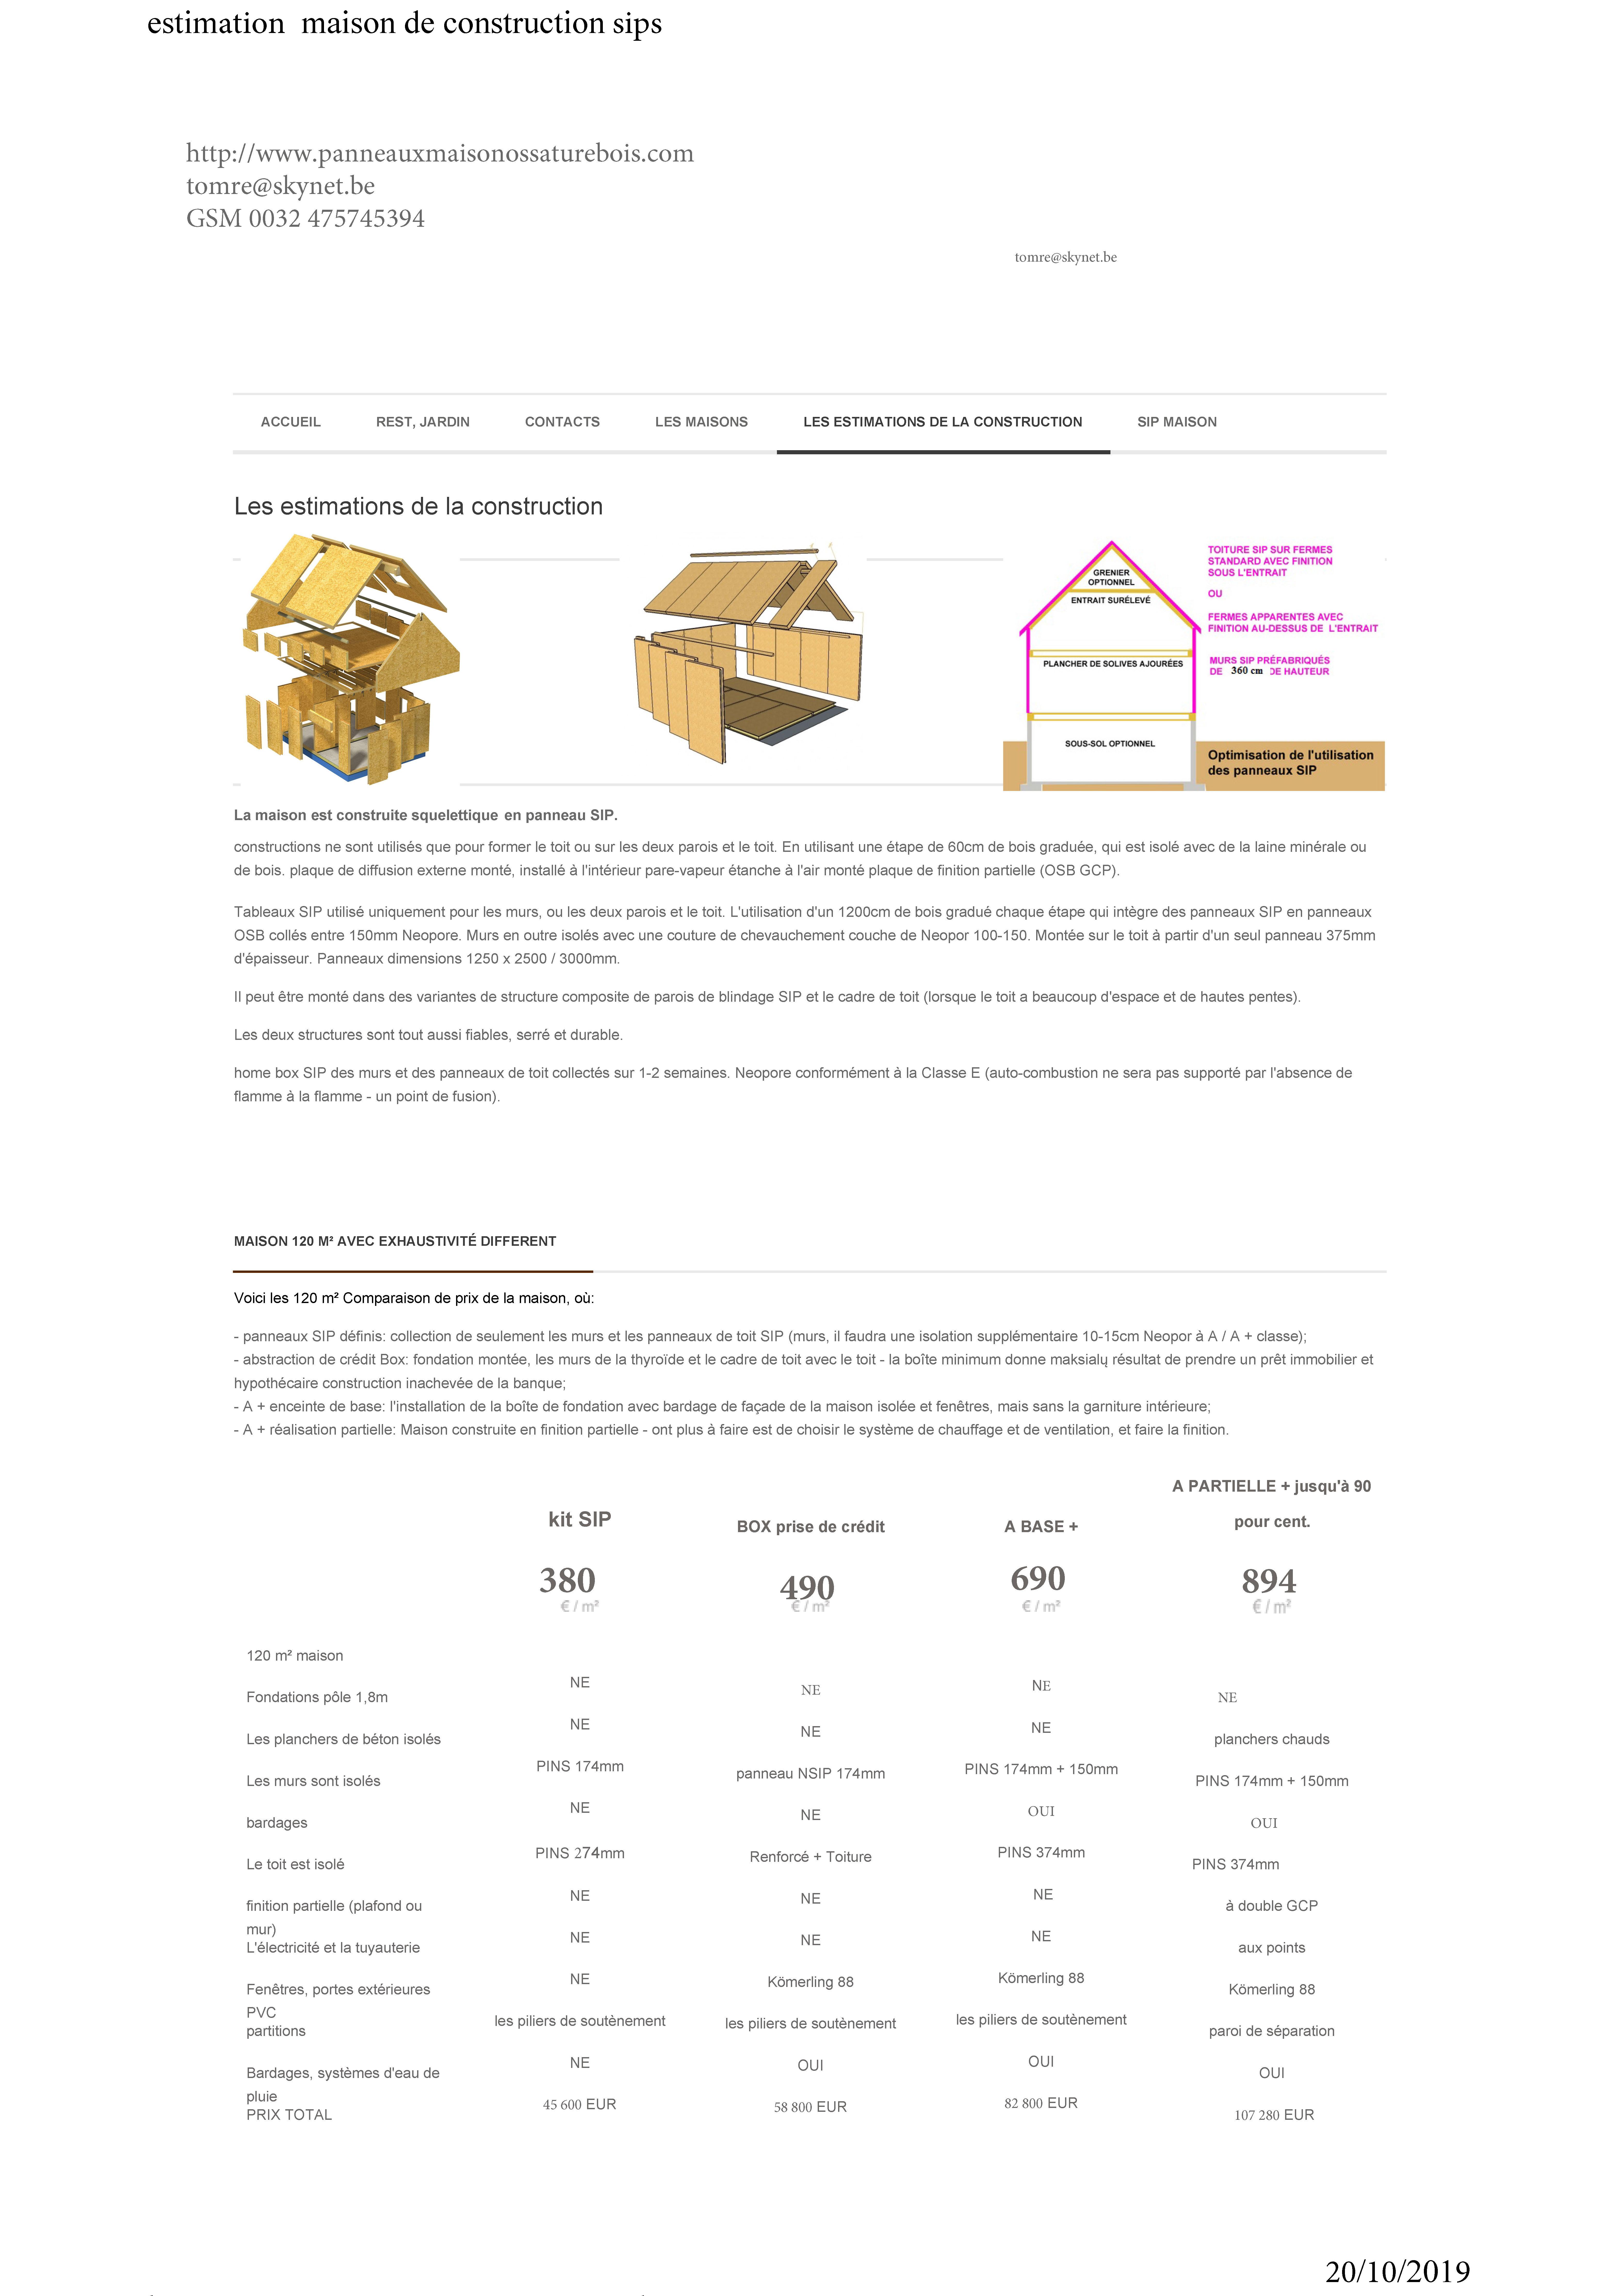 Estimation maison de construction sips